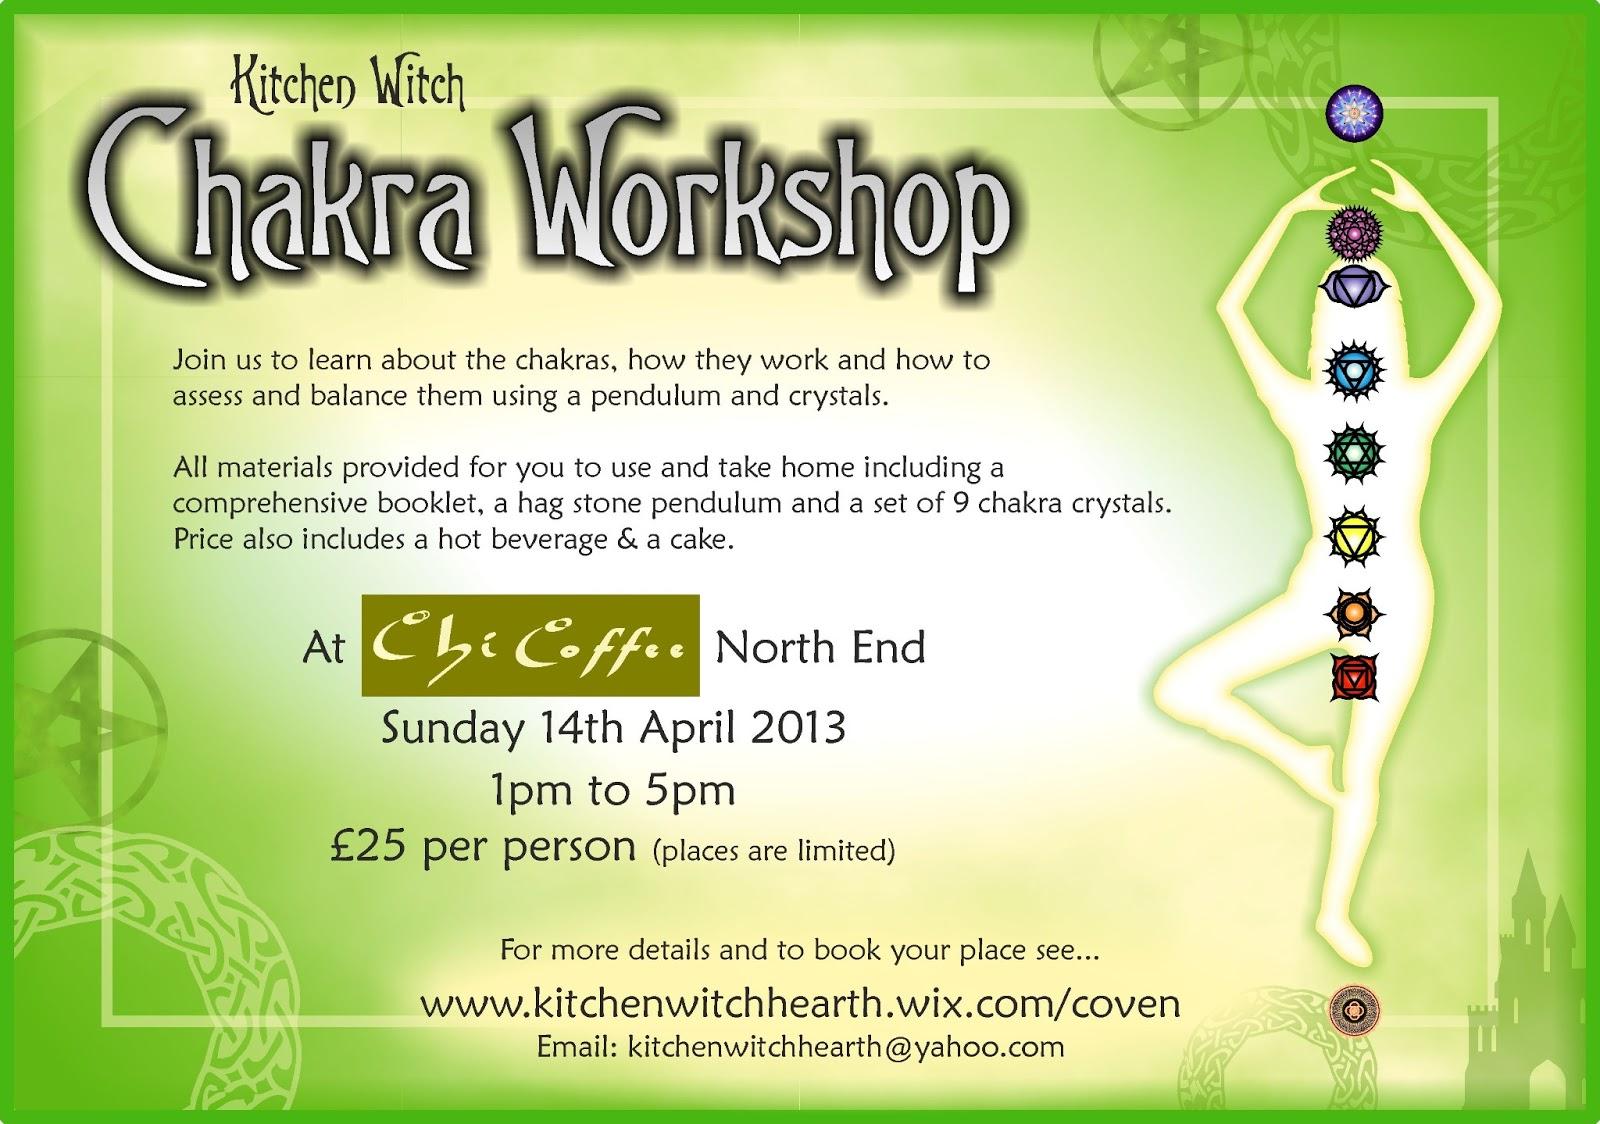 Kitchen Witch Blog: Chakra Workshop